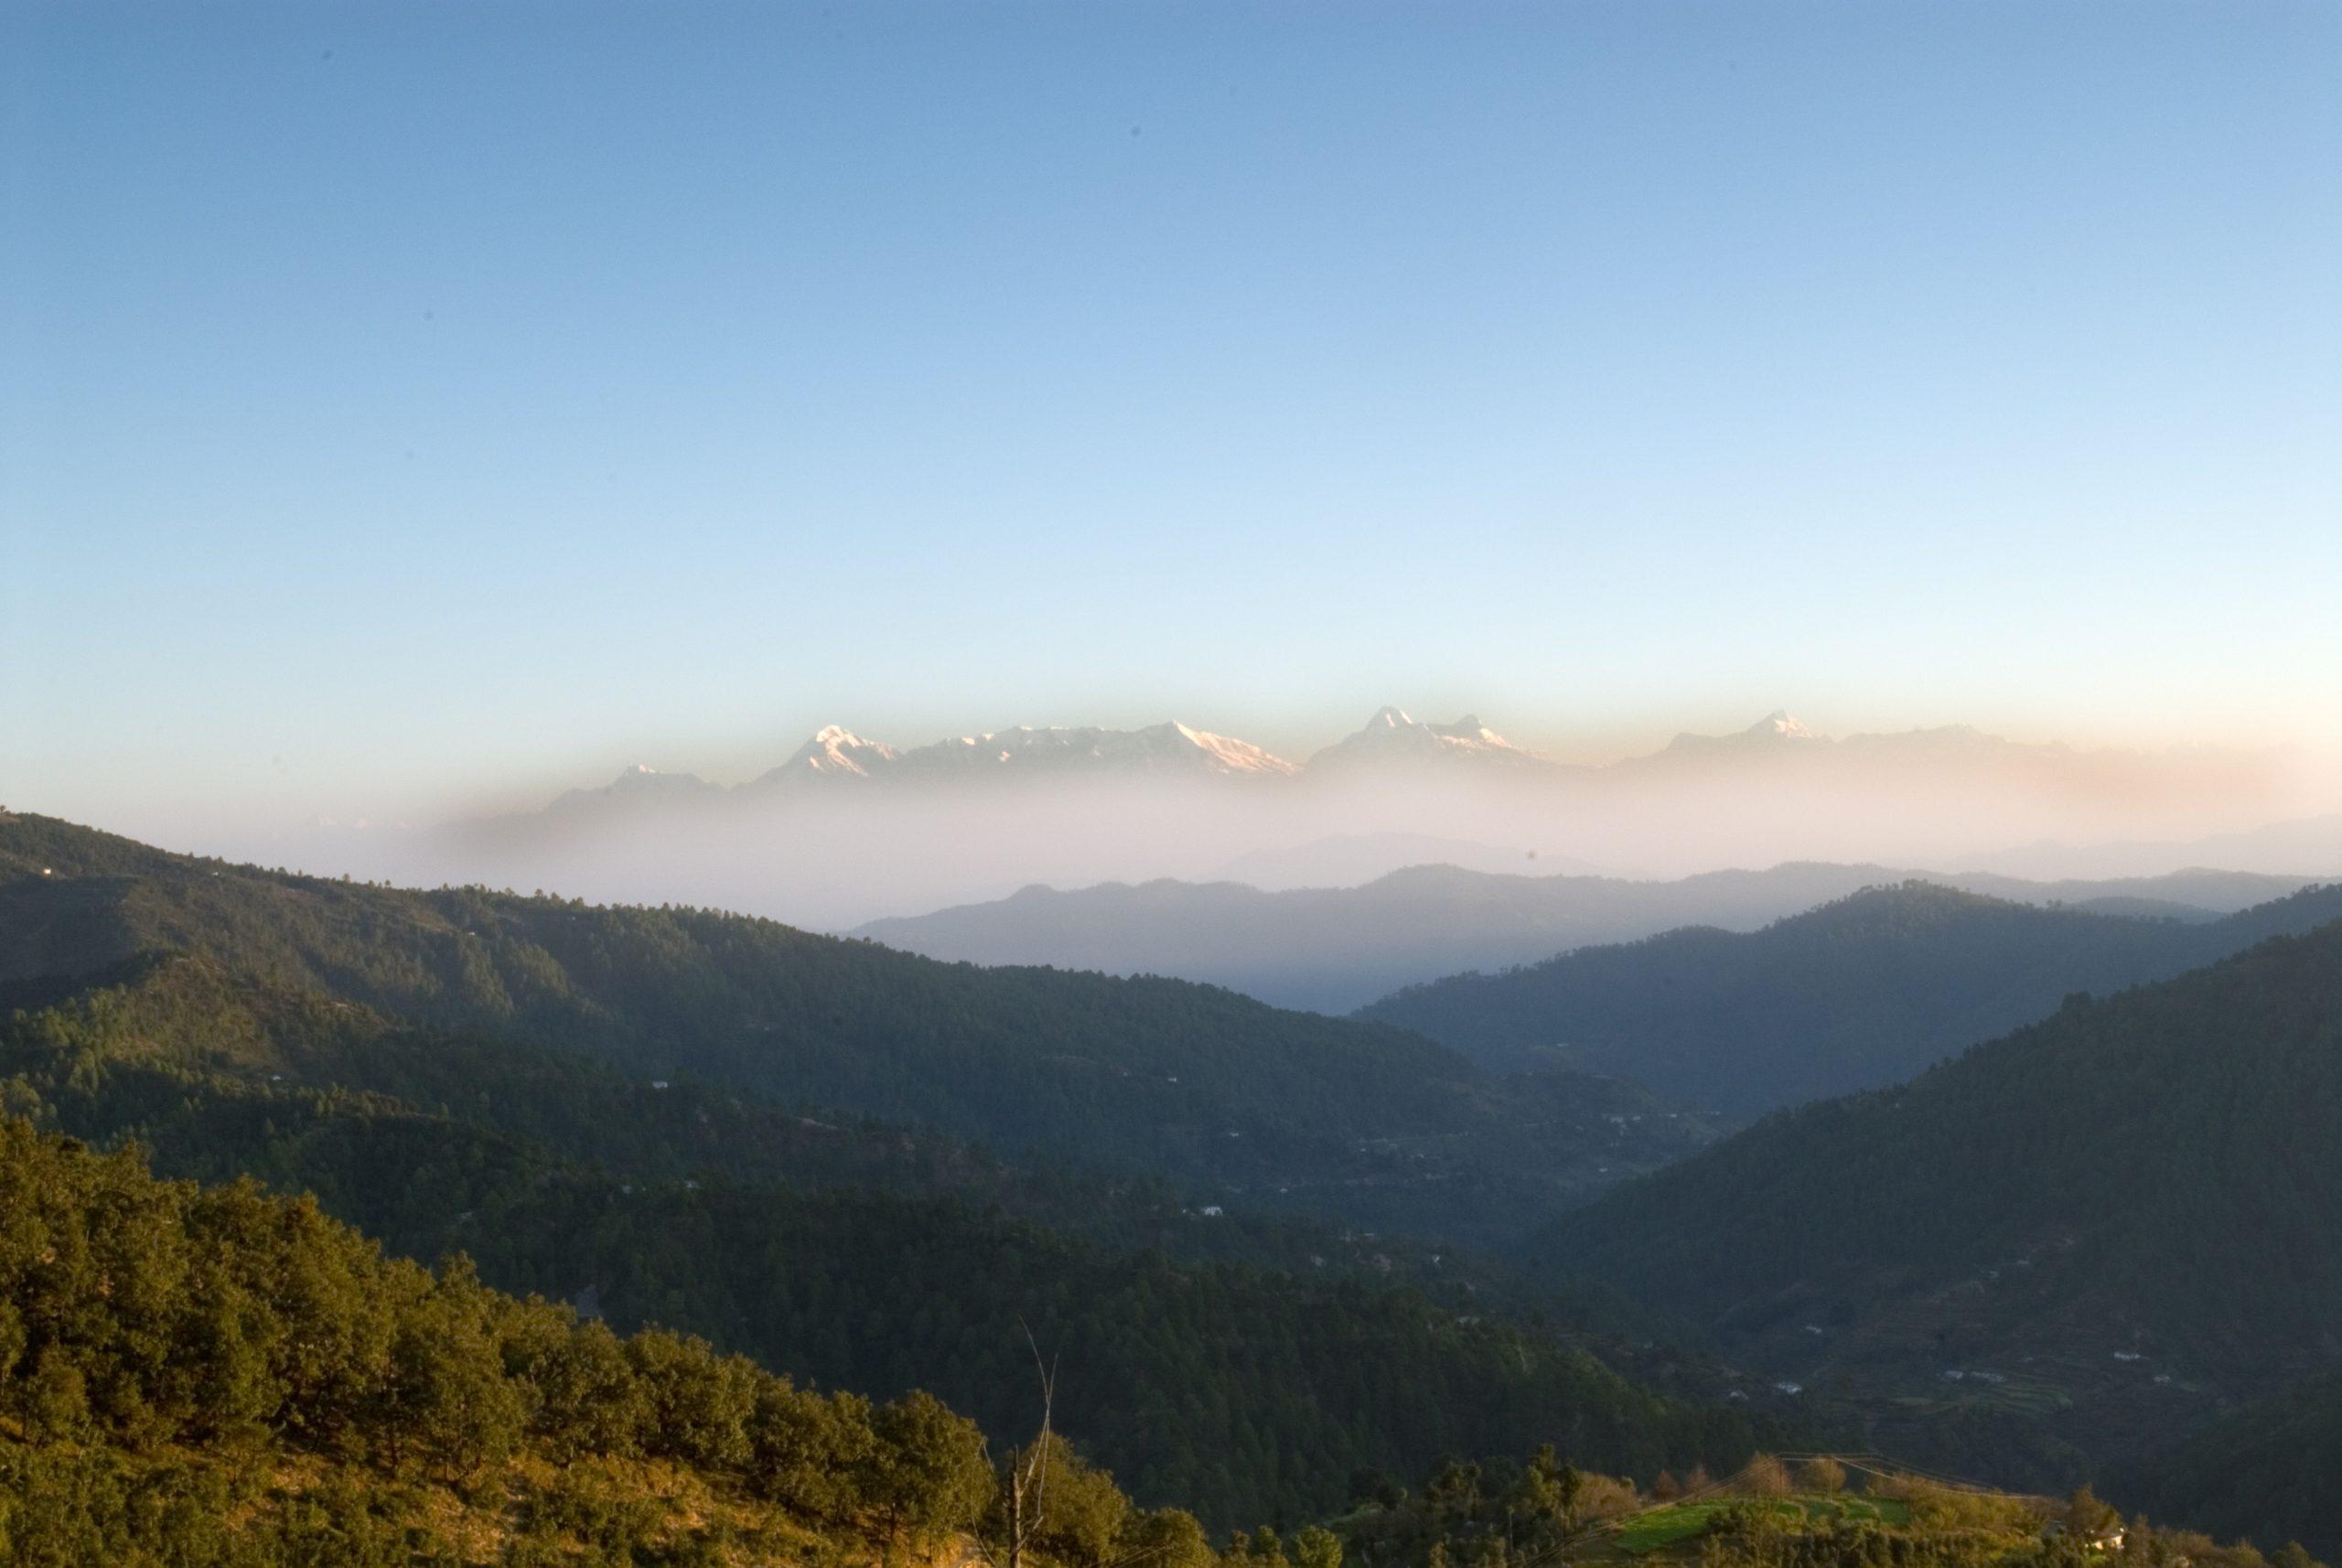 Mukteshwar Hill Stations To Visit In Uttarakhand